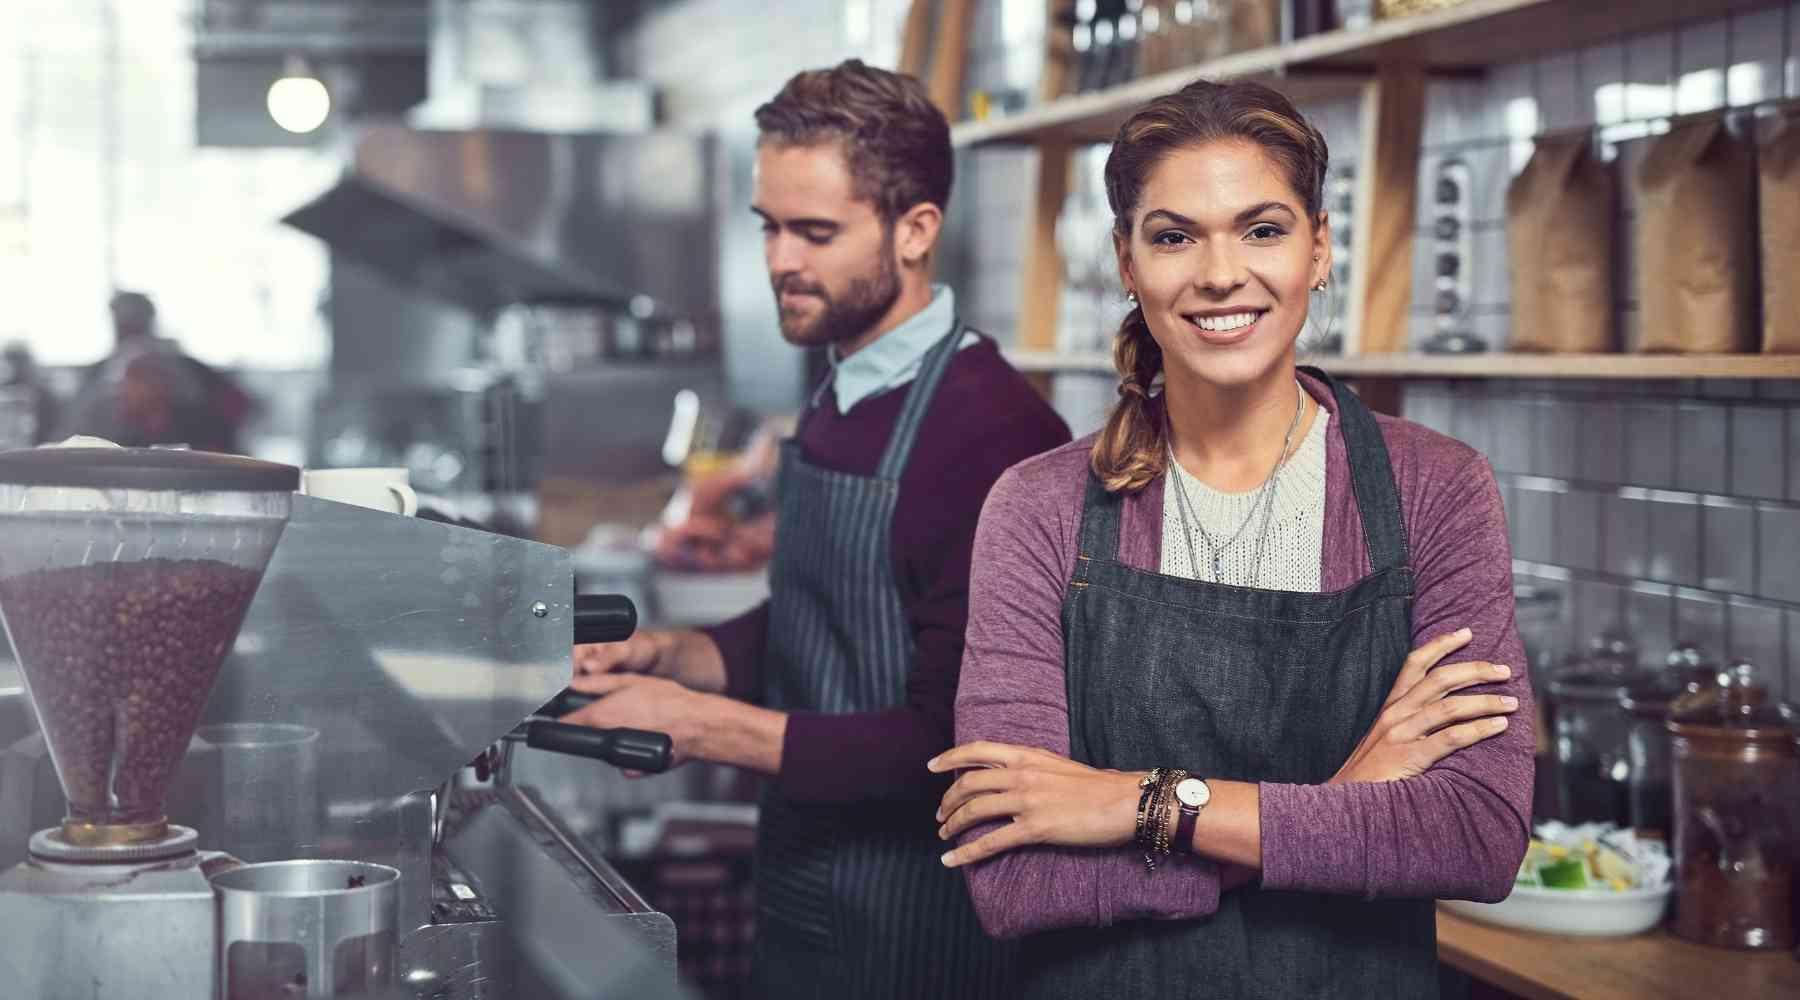 Top Business Ideas for Women - Start a Business